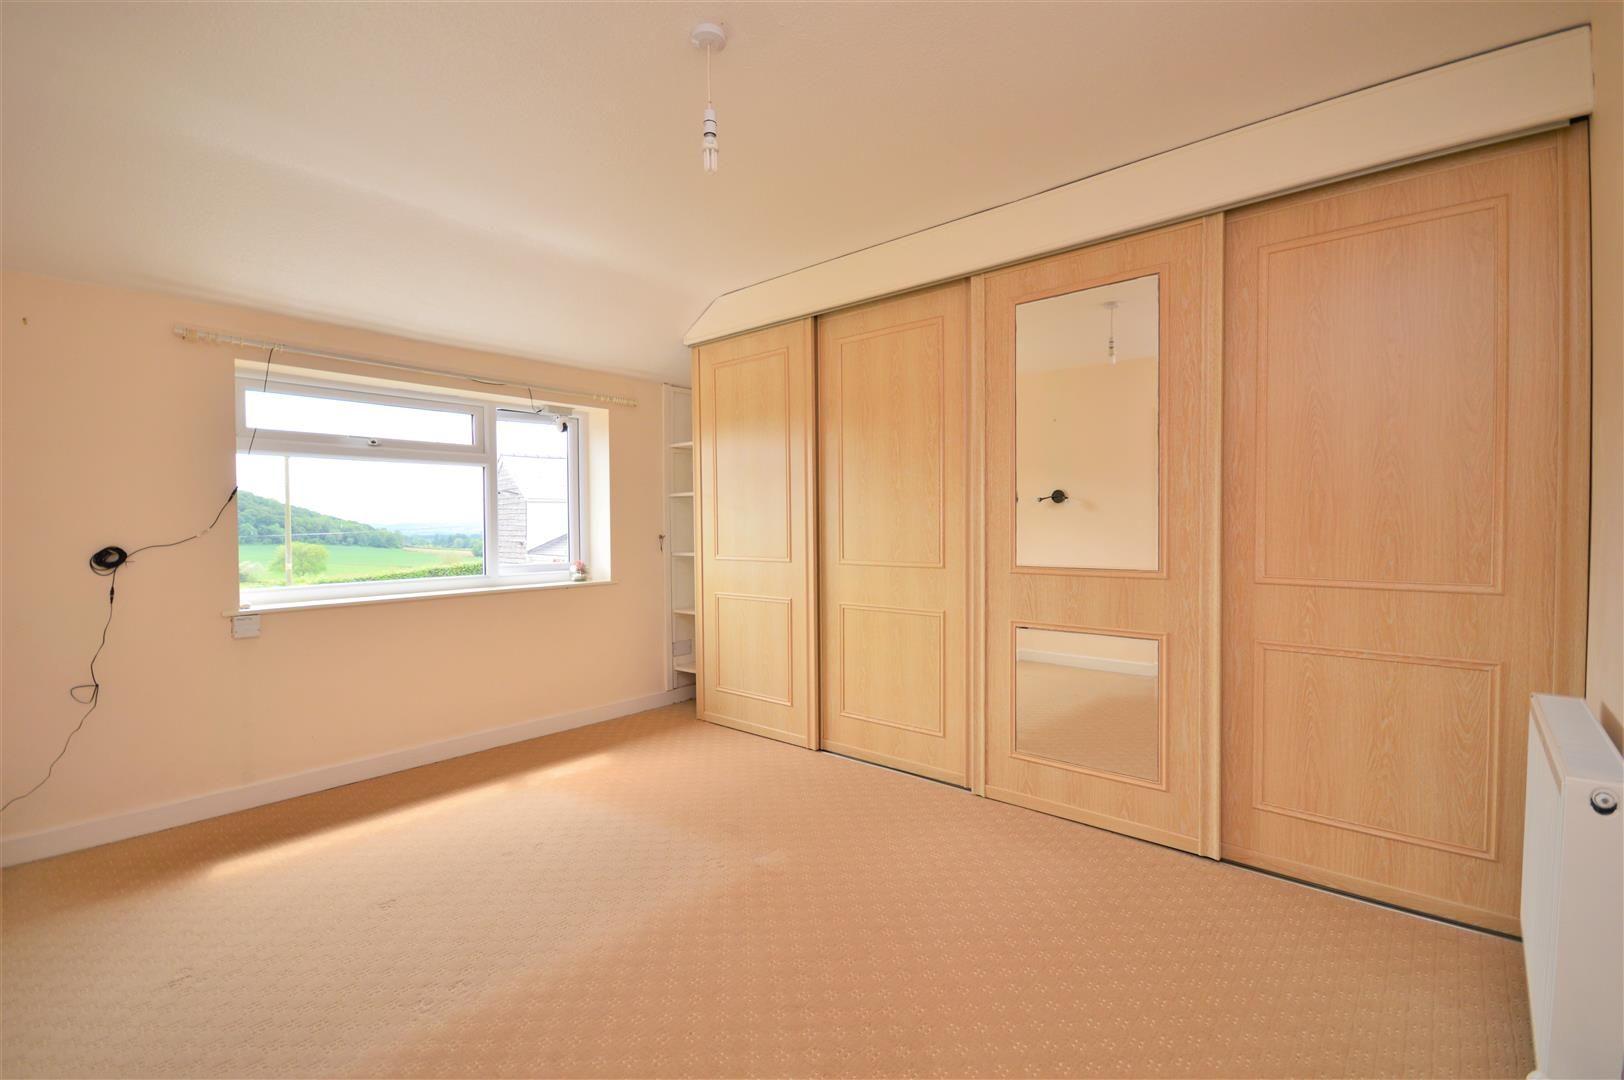 4 bed detached for sale in Tillington 12